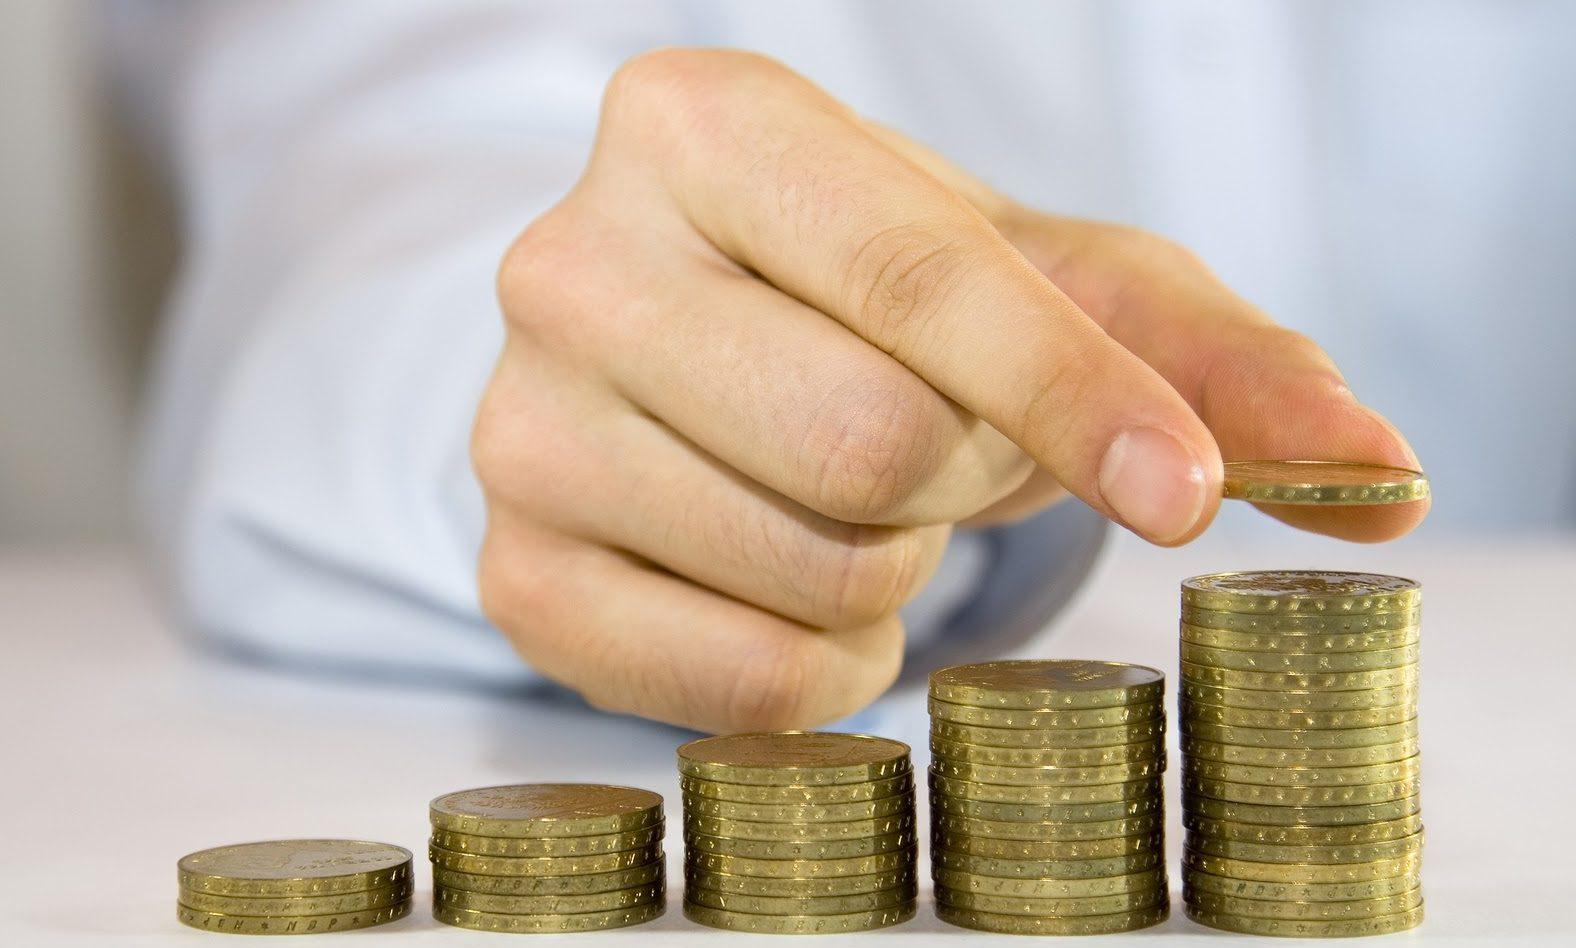 hogyan lehet pénzt keresni otthon egy hét alatt)